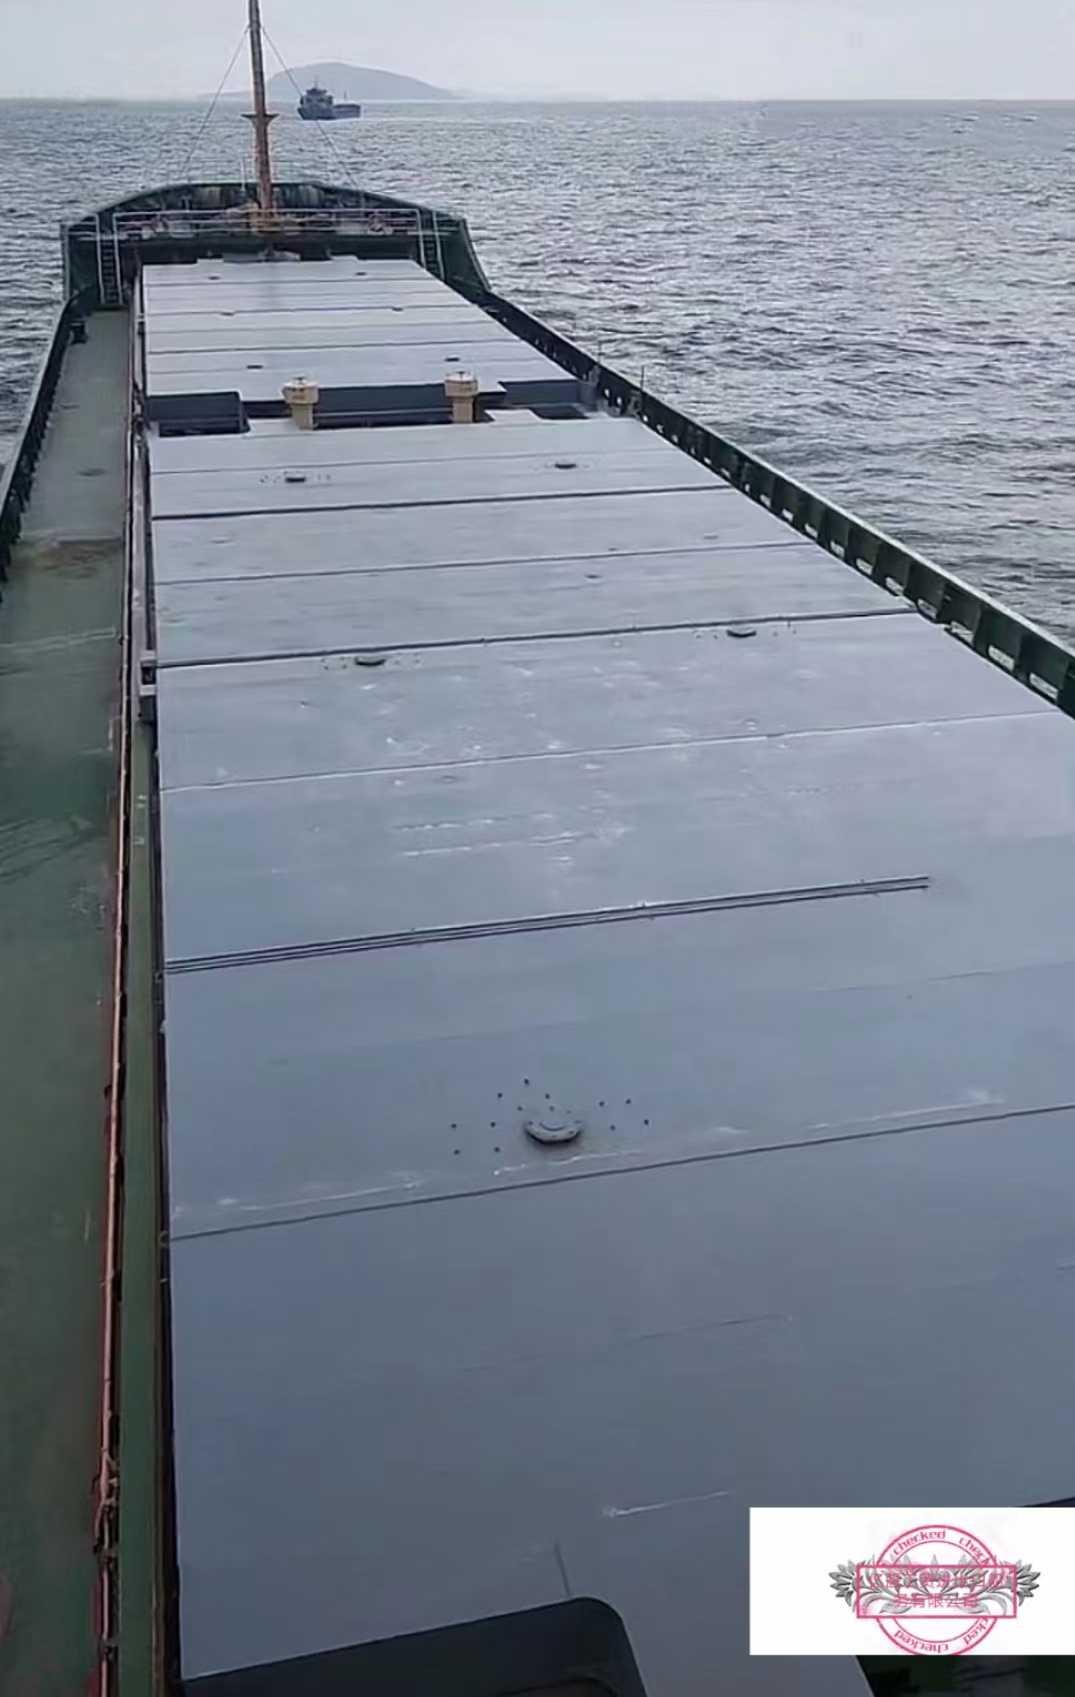 出售2008年安徽造5010吨散货船